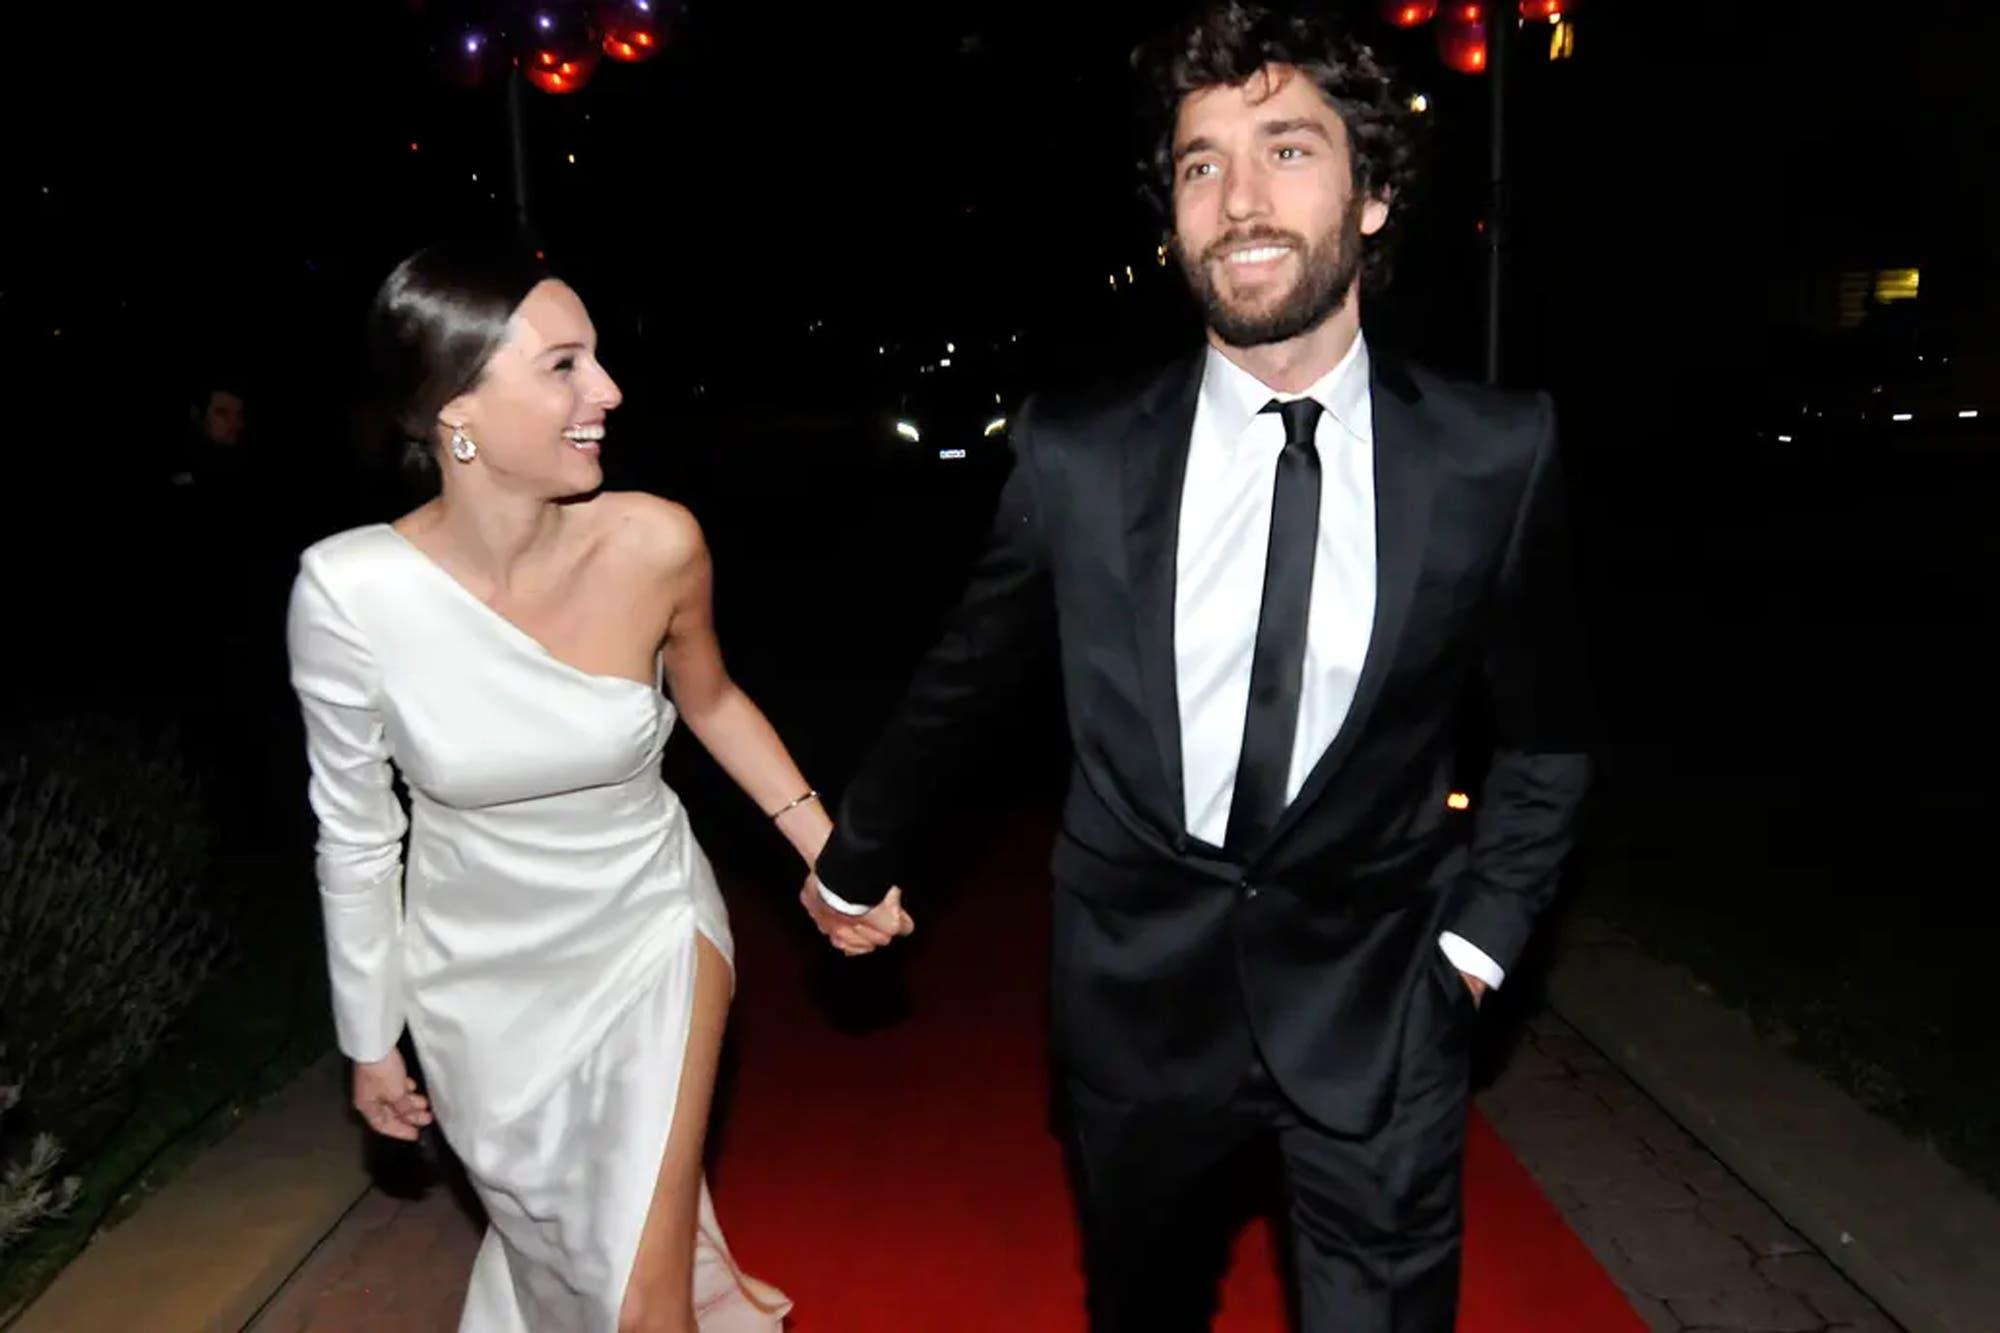 Mariano Balcarce habló sobre el casamiento de su ex, Pampita Ardohain